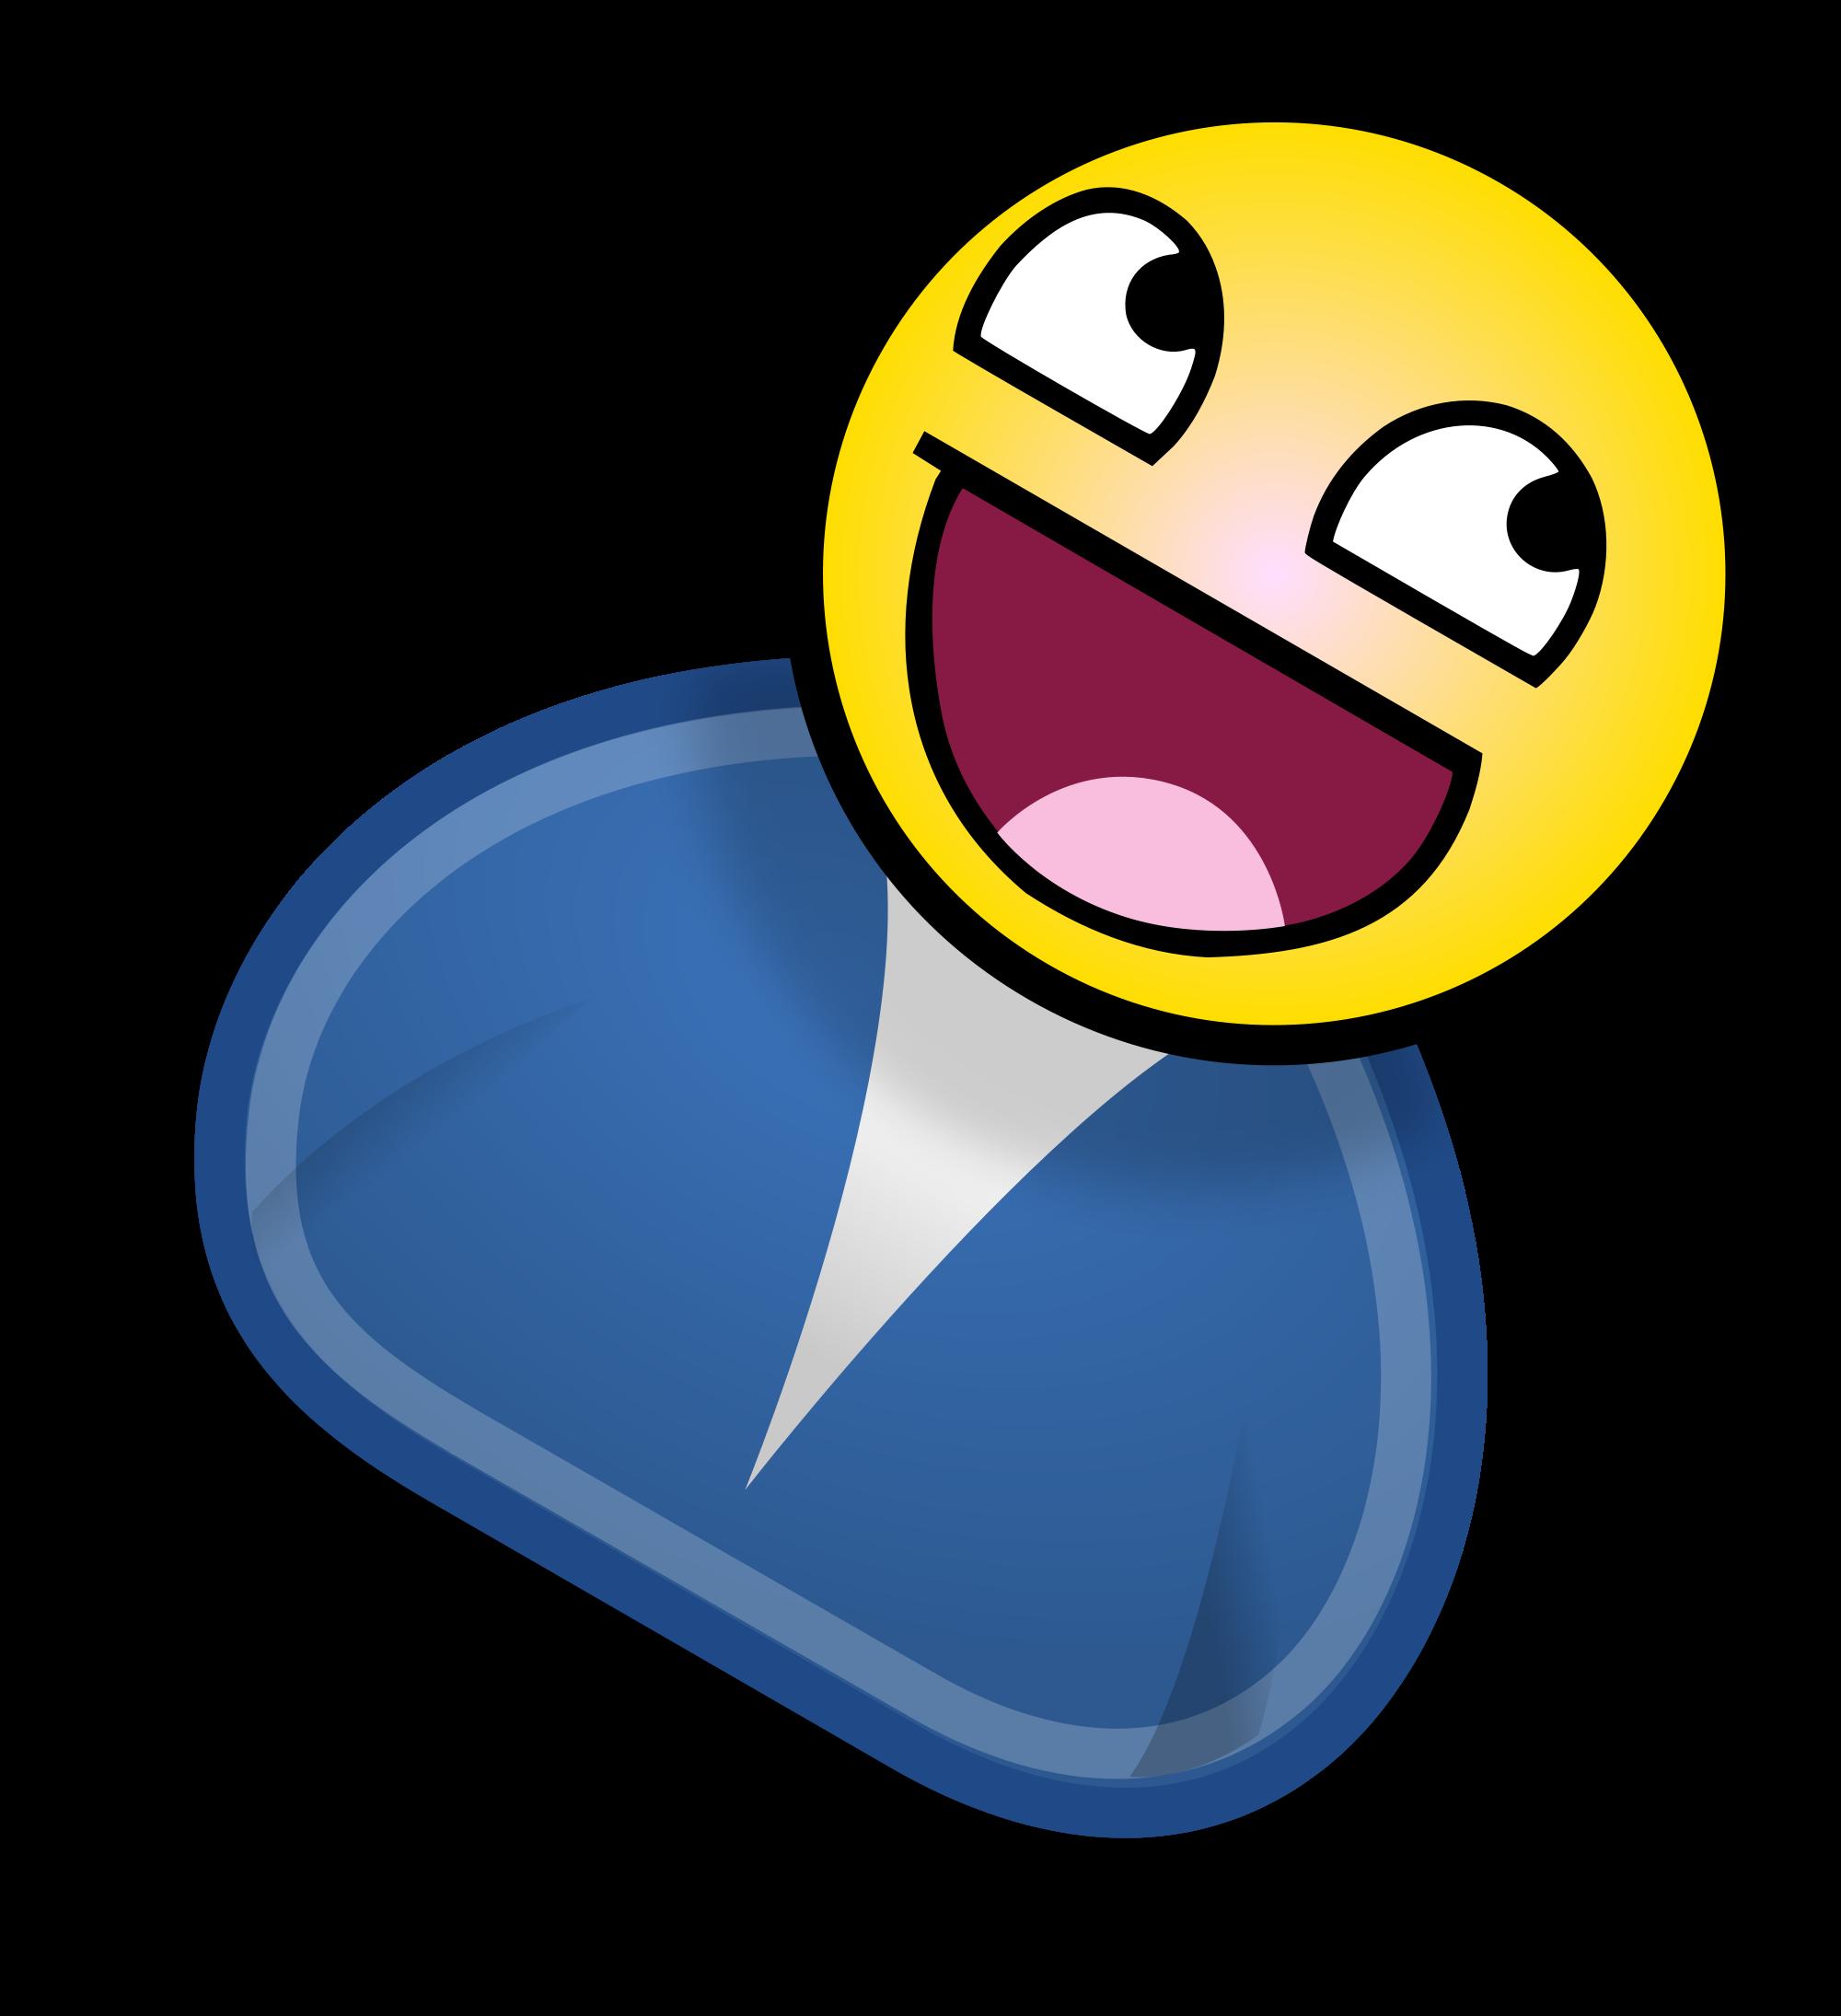 Happy person file bathrobecabalicon svg wikimediamons clip art.